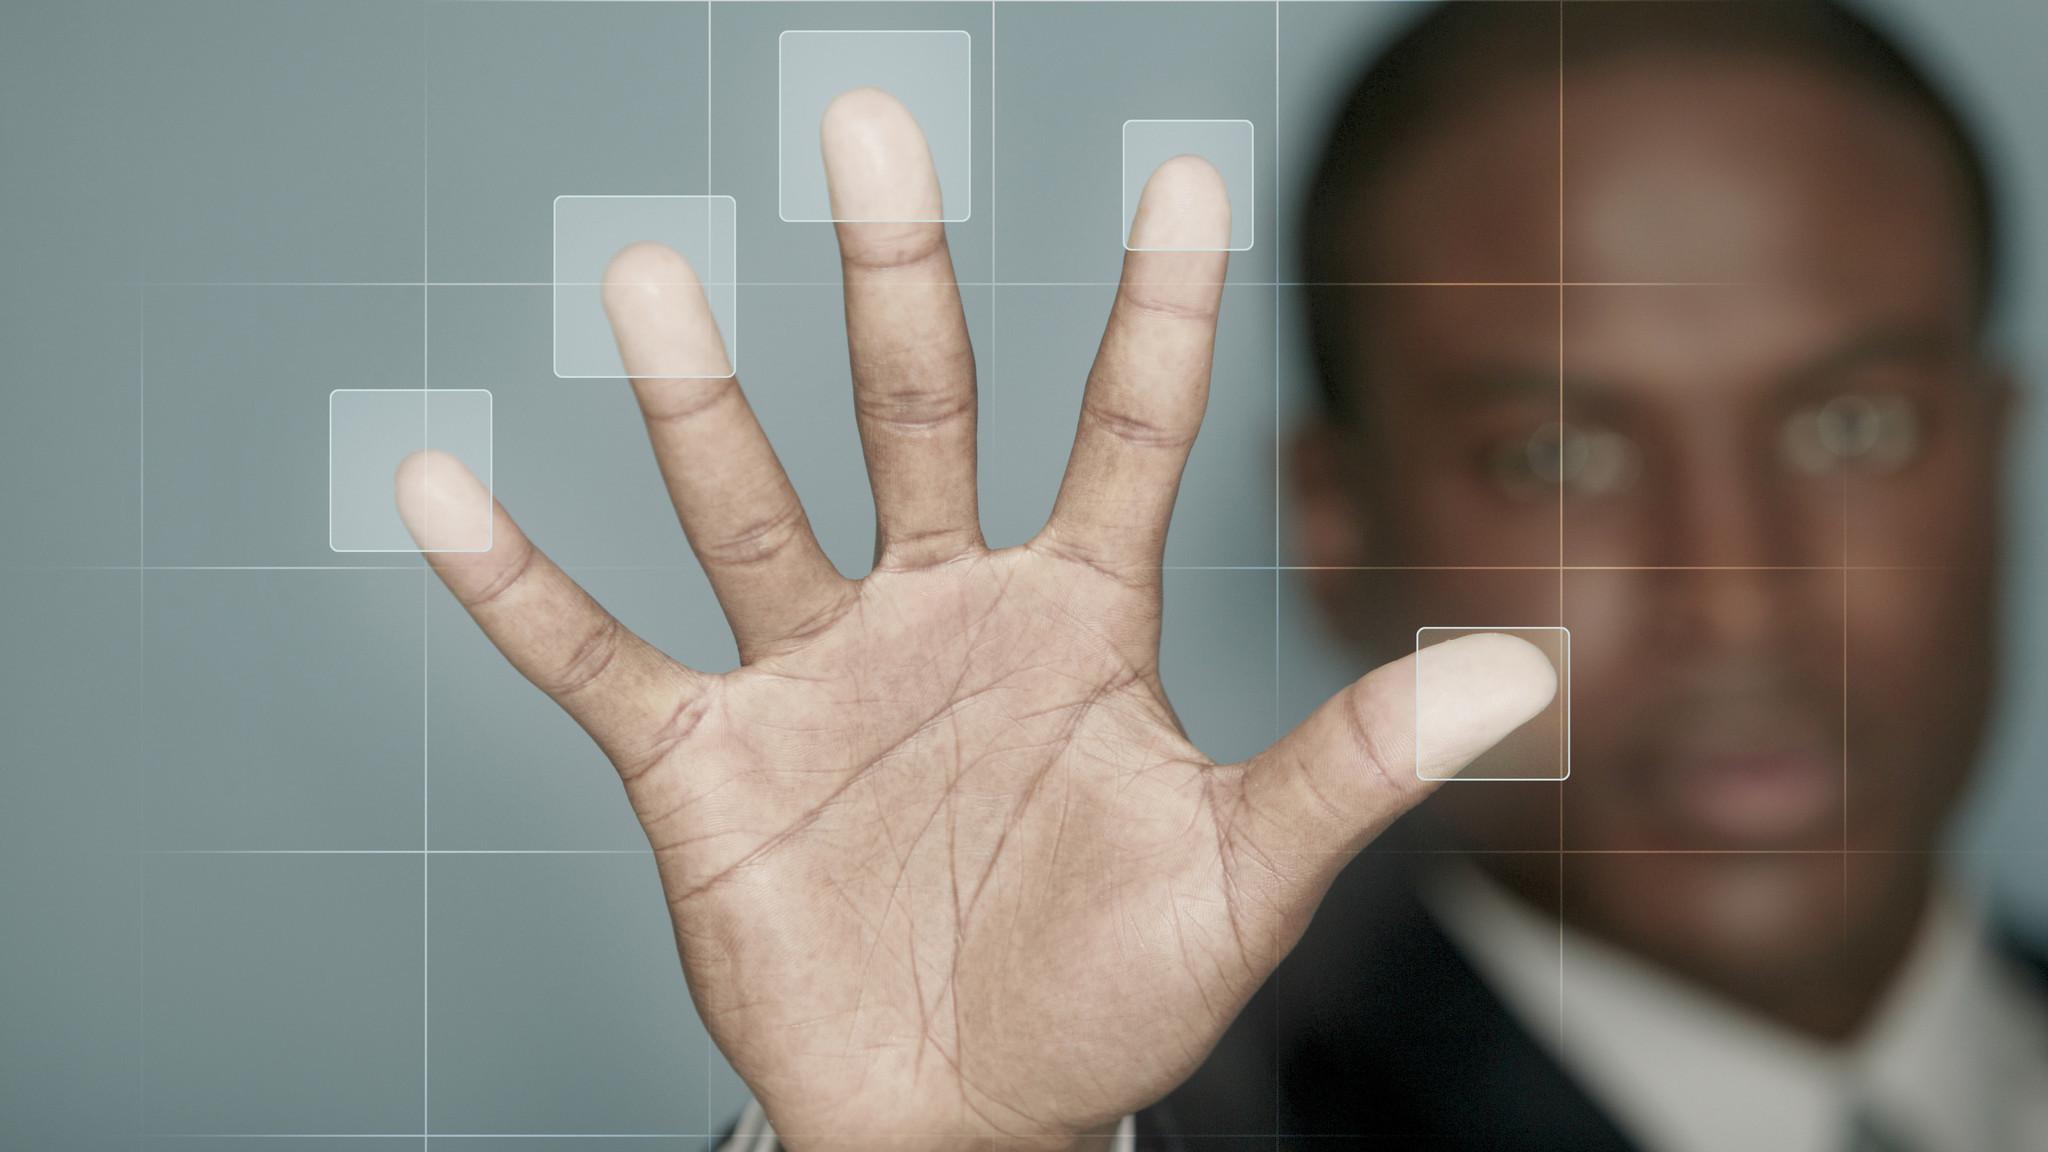 Visa Expert Sees Big Year For Biometric Passwords